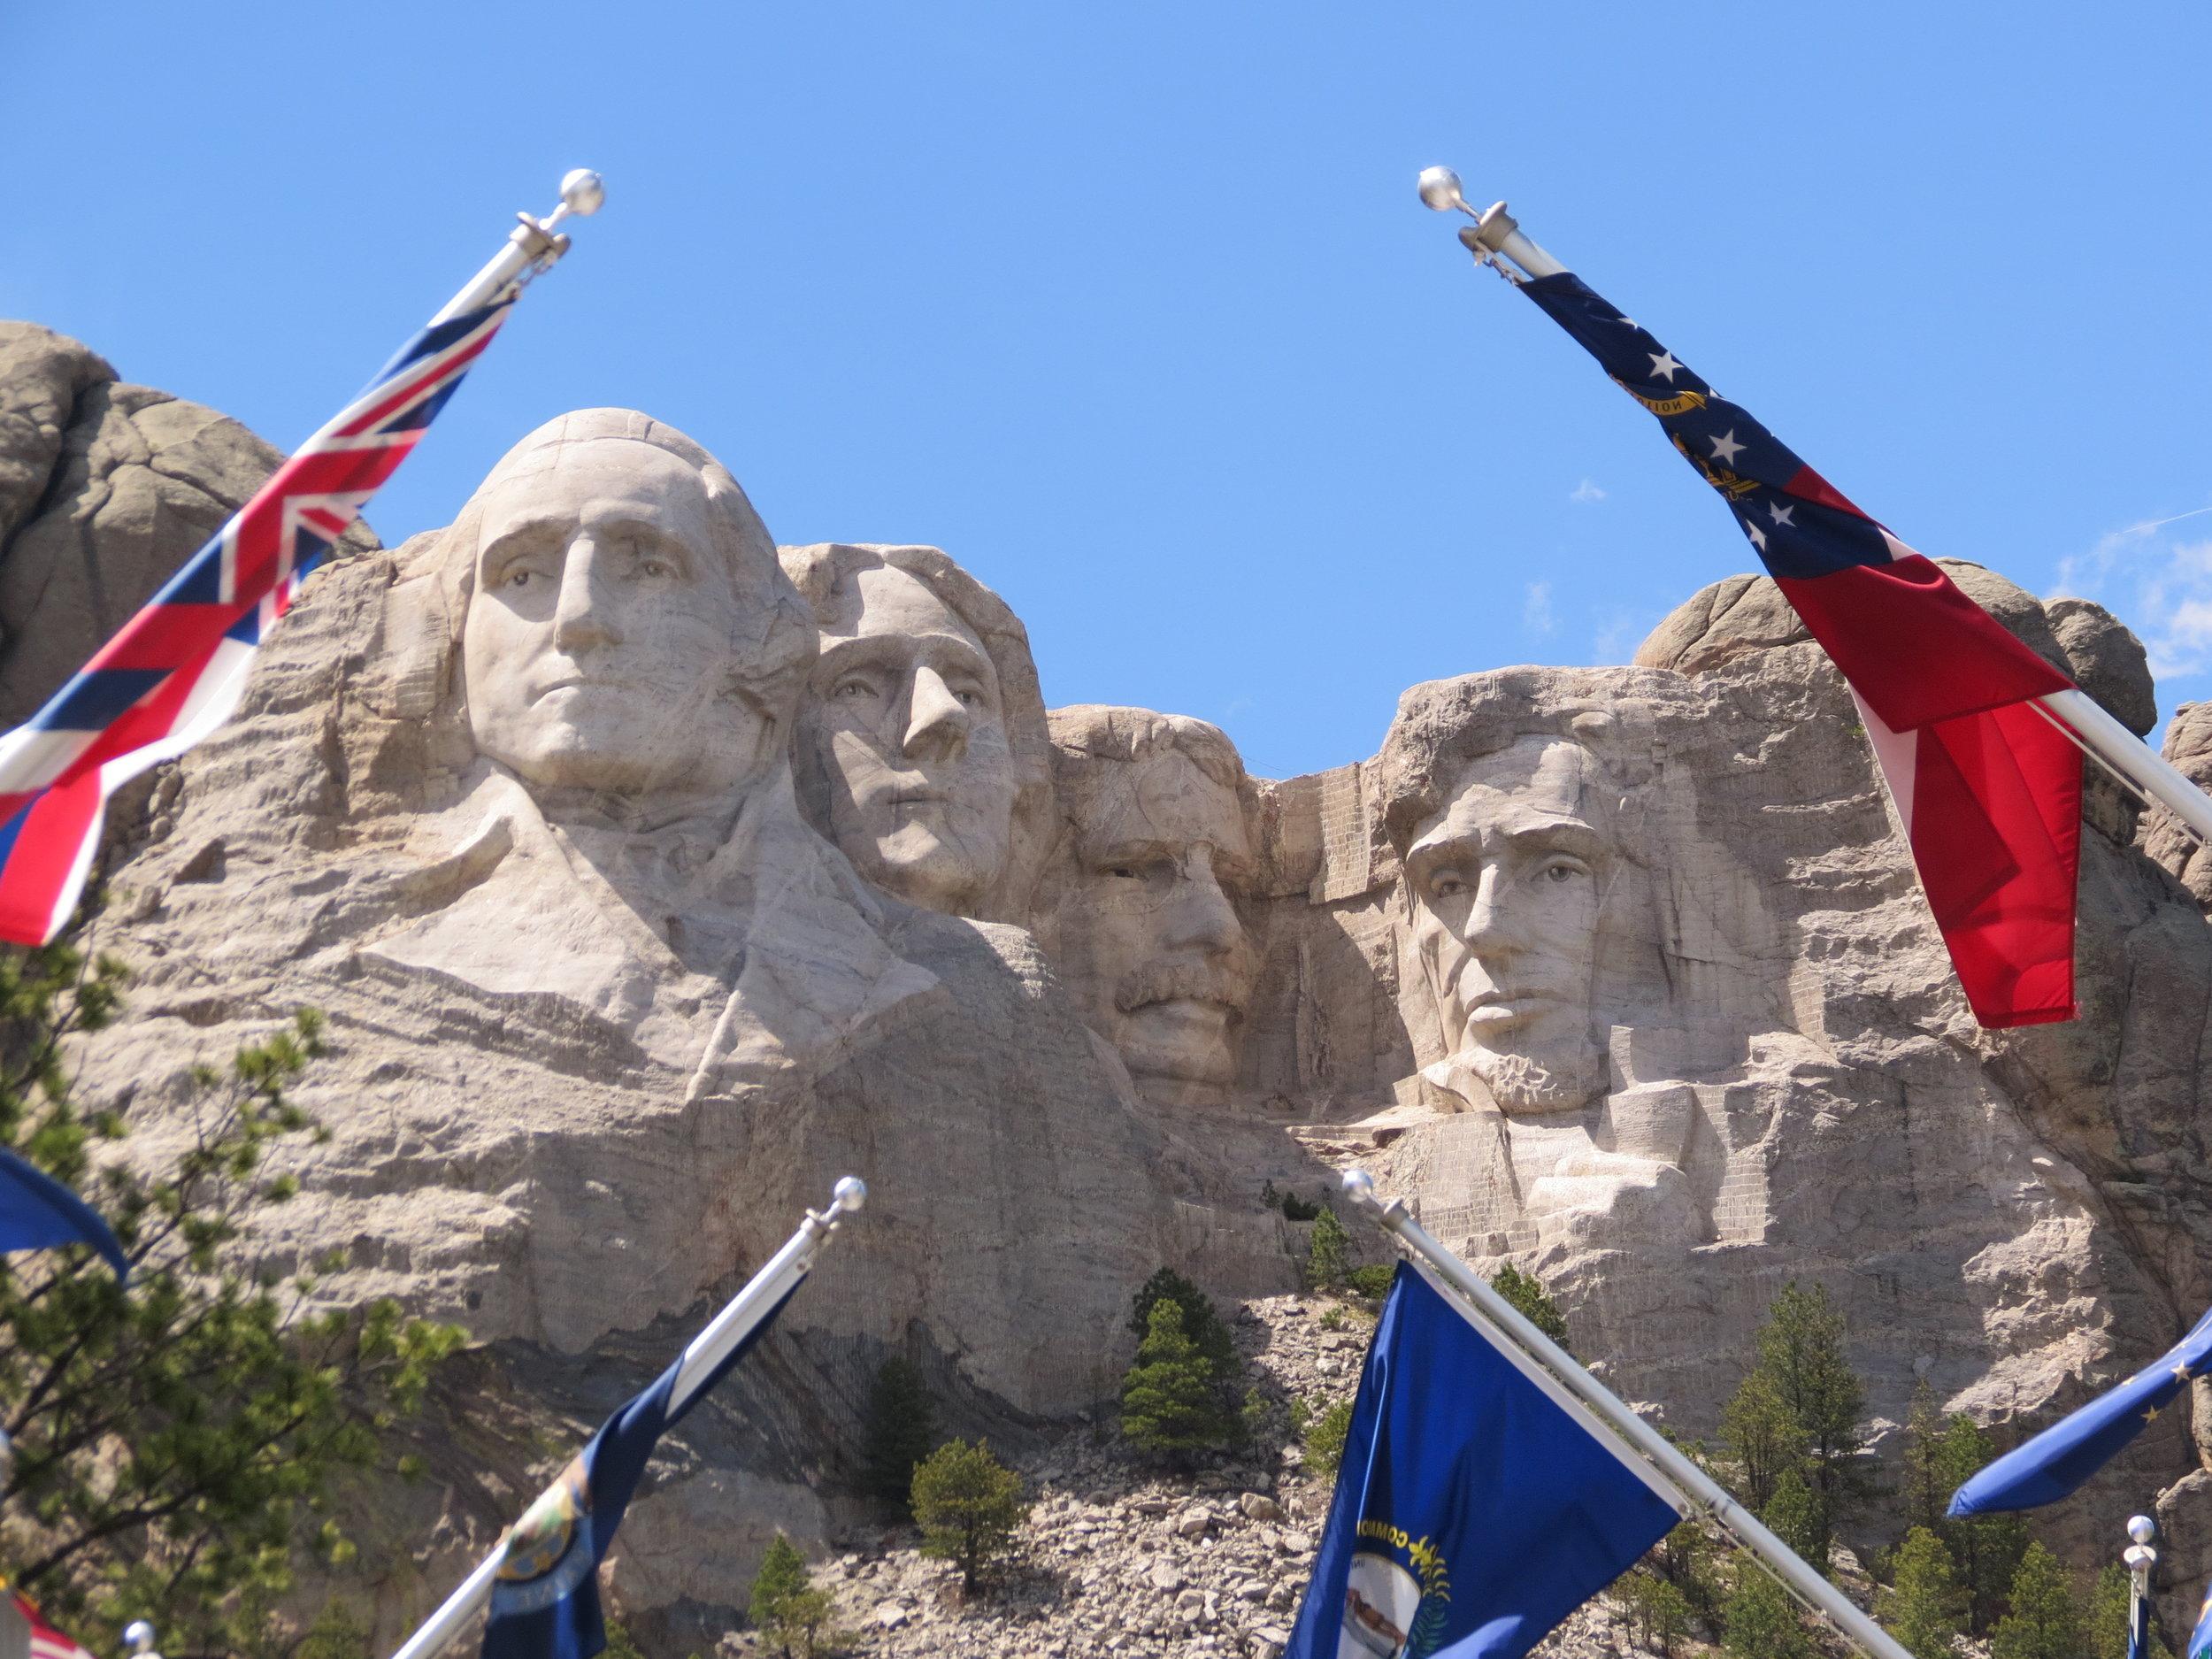 mount rushmore national memorial  - south dakota - 2012